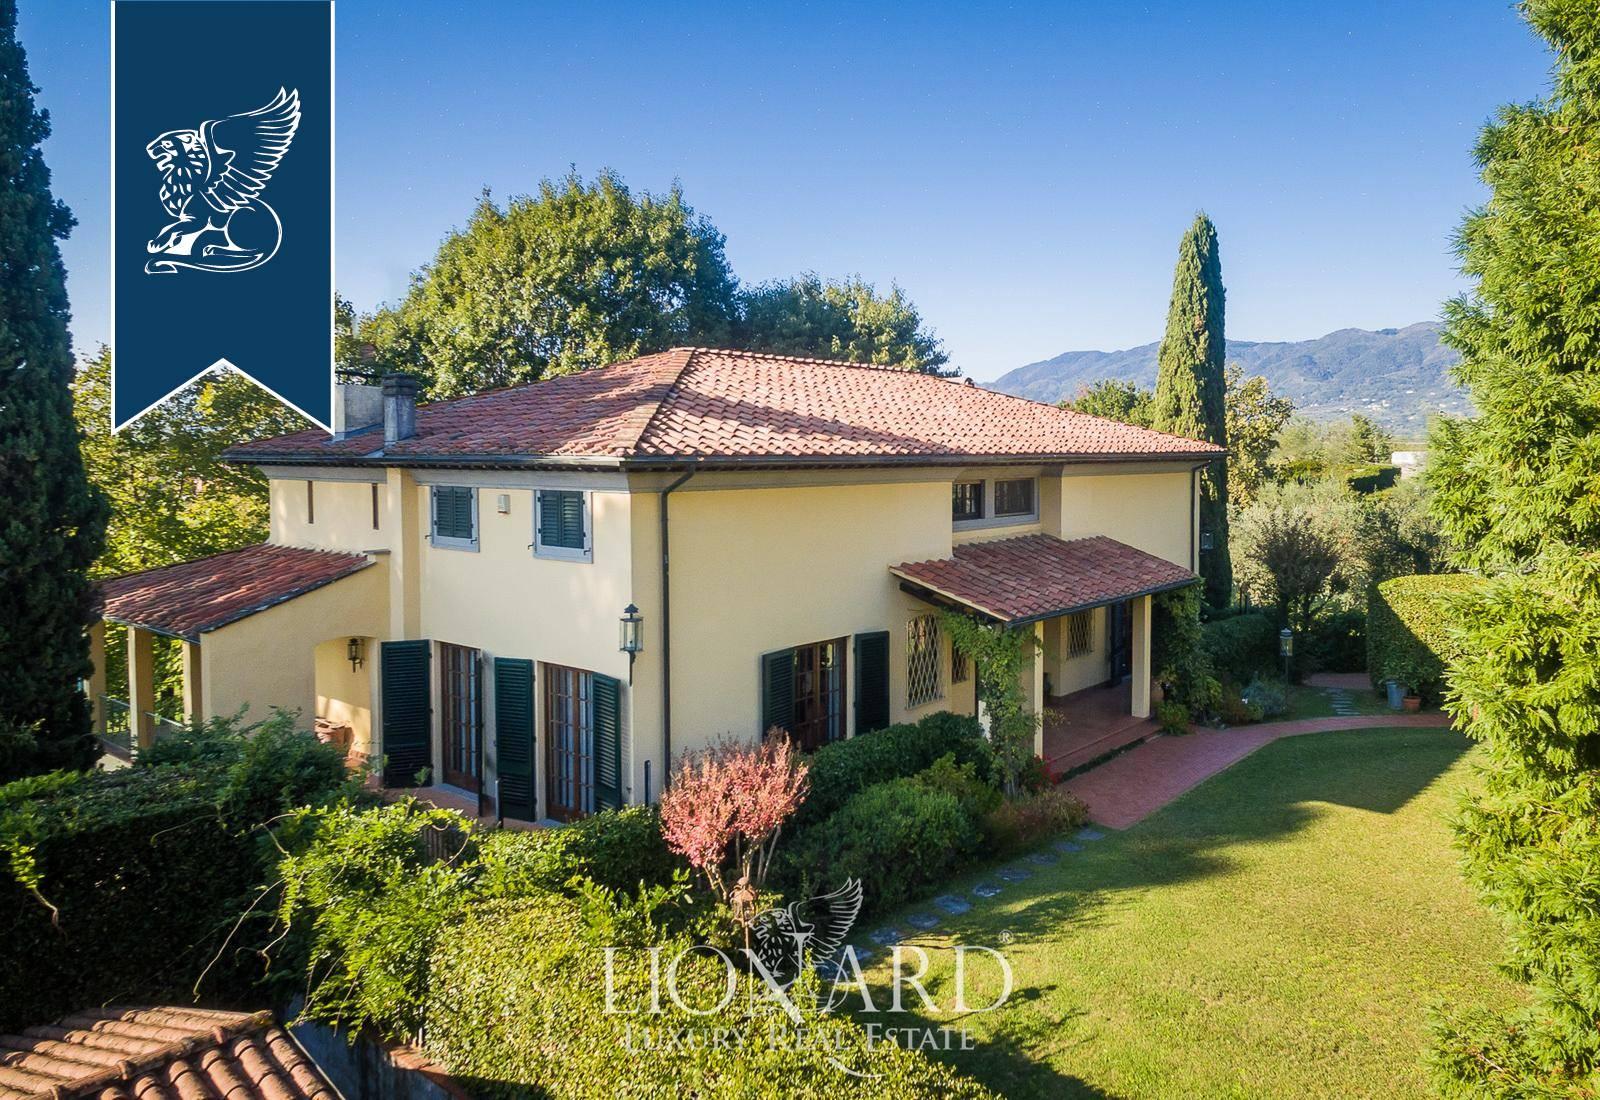 Villa in Vendita a Porcari: 0 locali, 800 mq - Foto 4